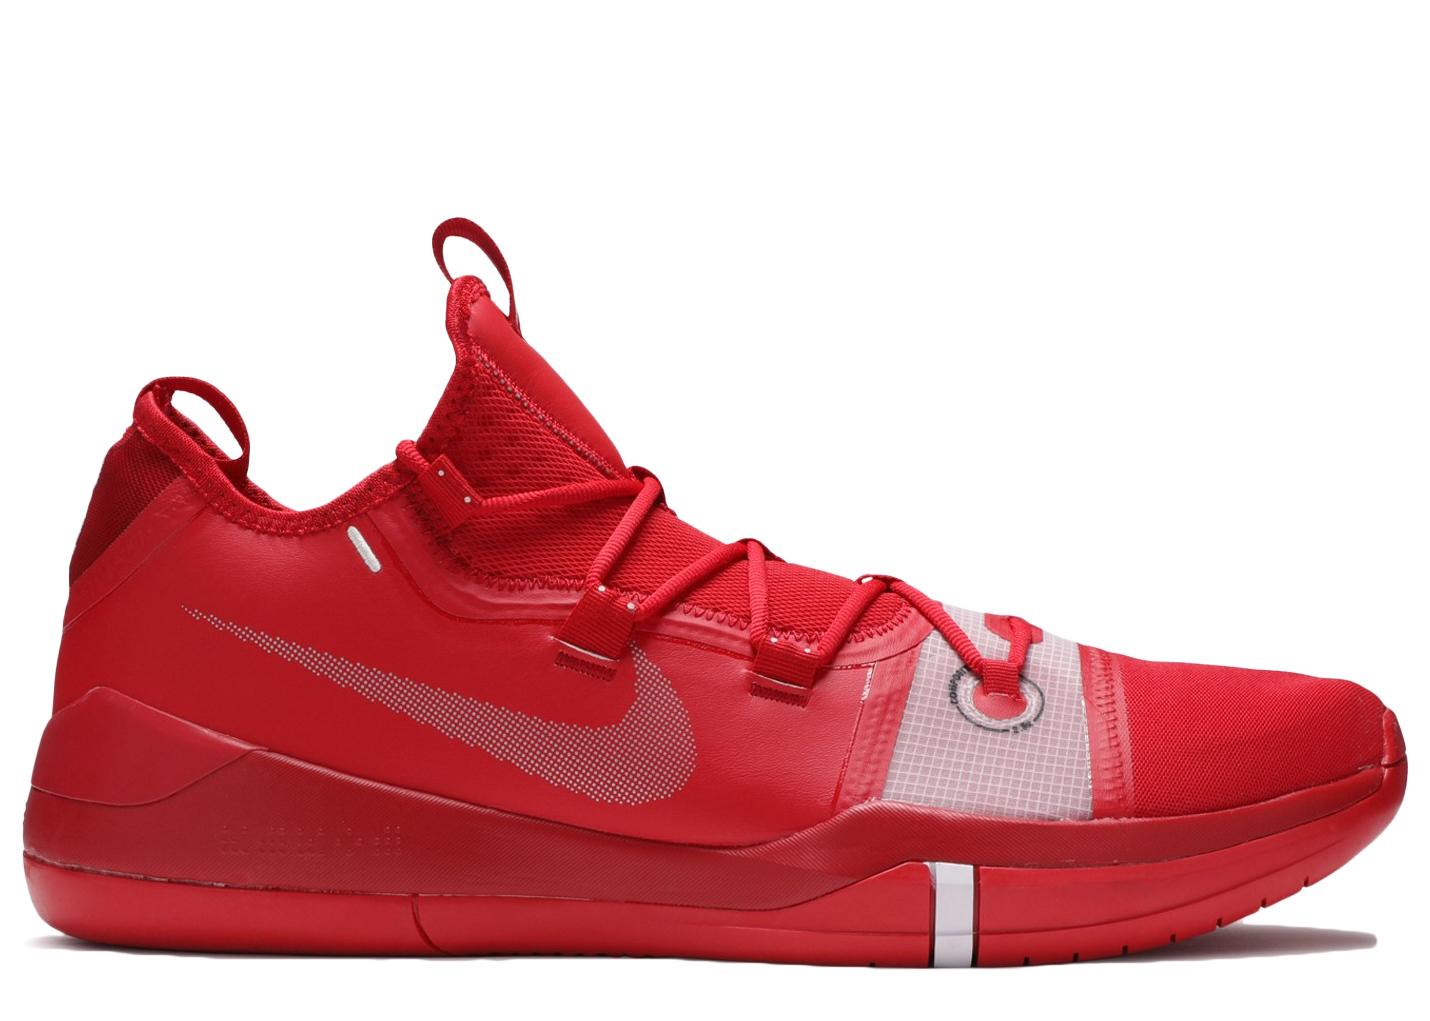 Nike Kobe A.D. Exodus Red